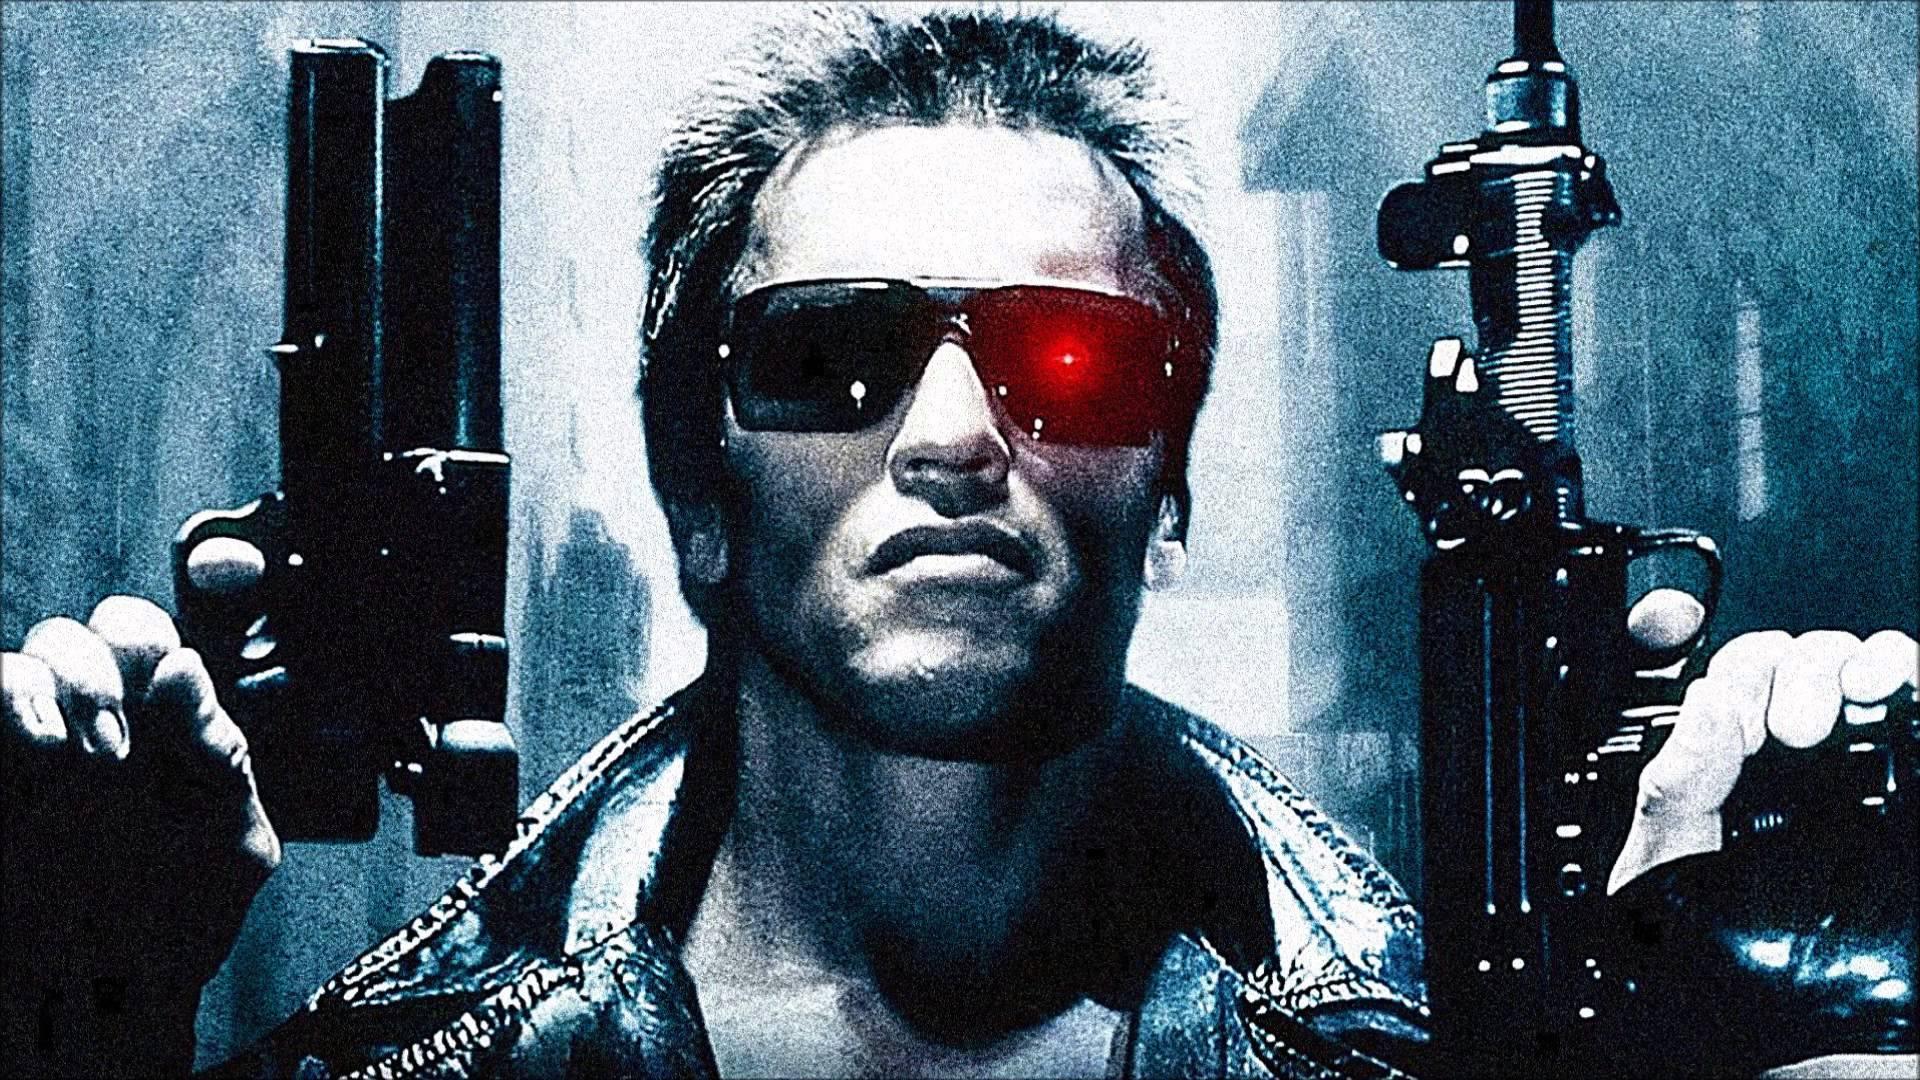 El reinicio de 'Terminator' contará con Tim Miller director de Deadpool